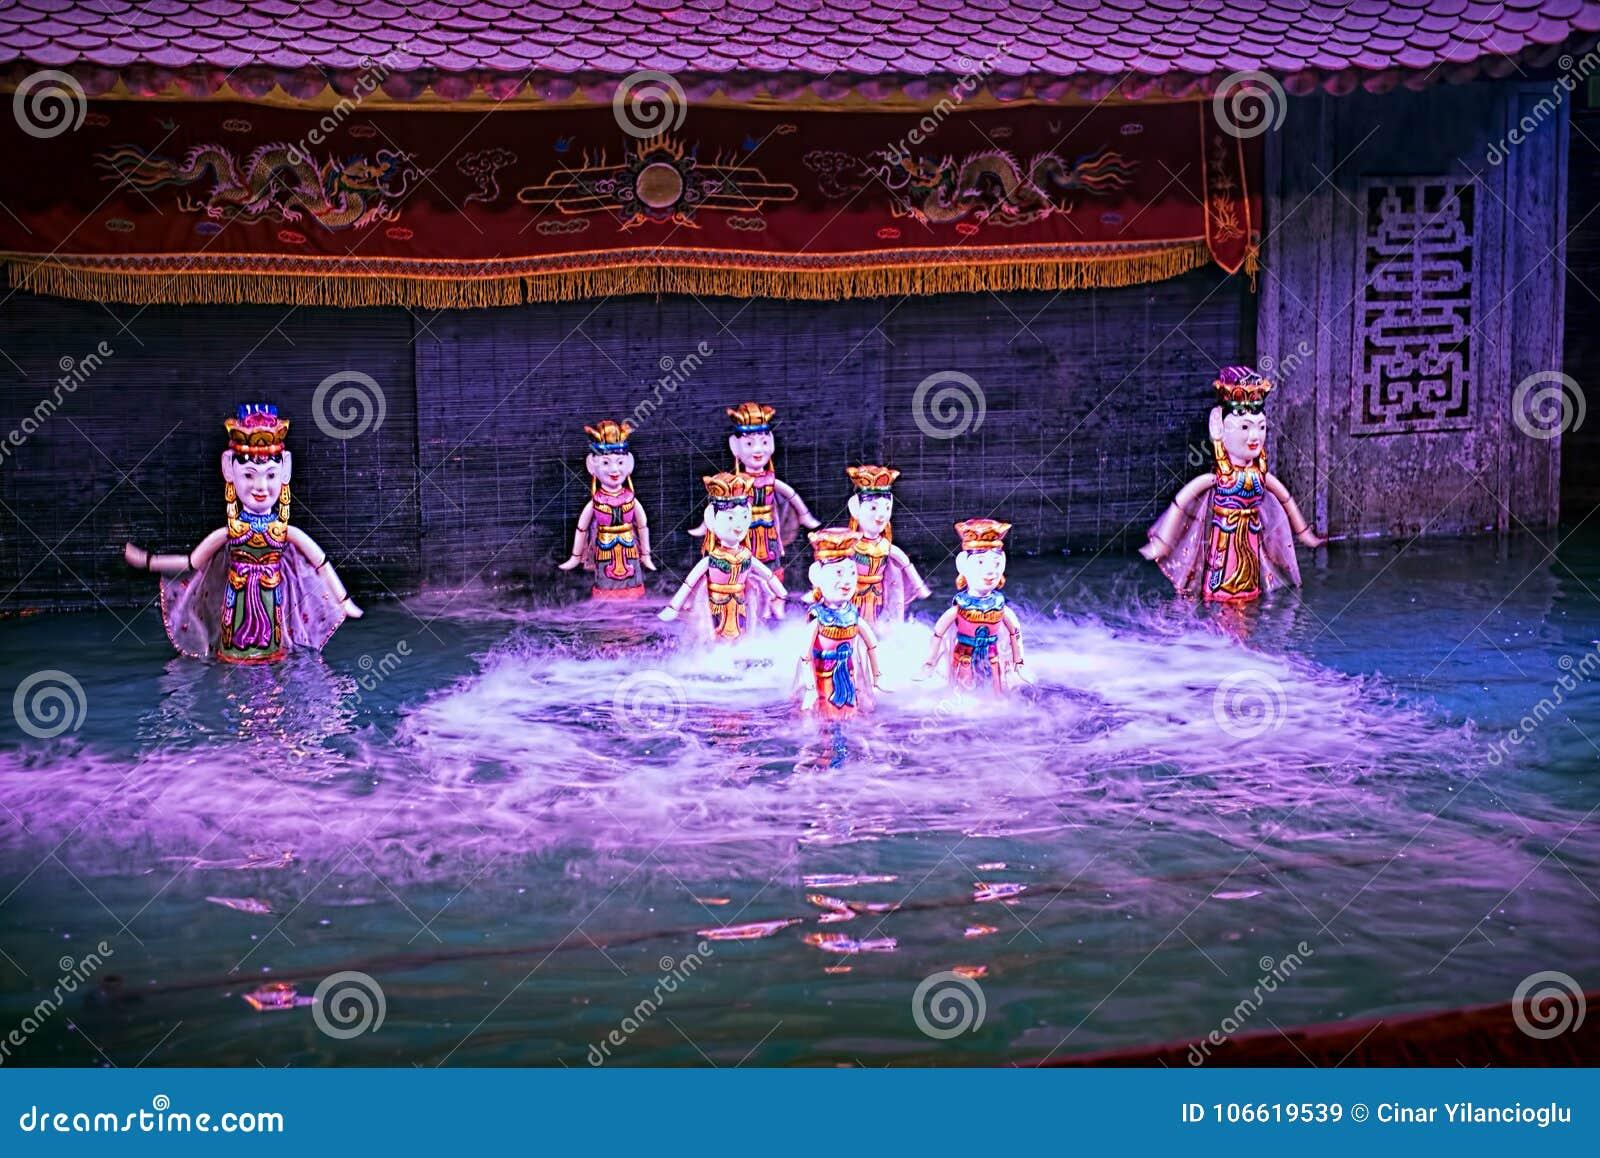 Wodny kukiełkowy przedstawienie w Wietnam pod purpurowymi światłami